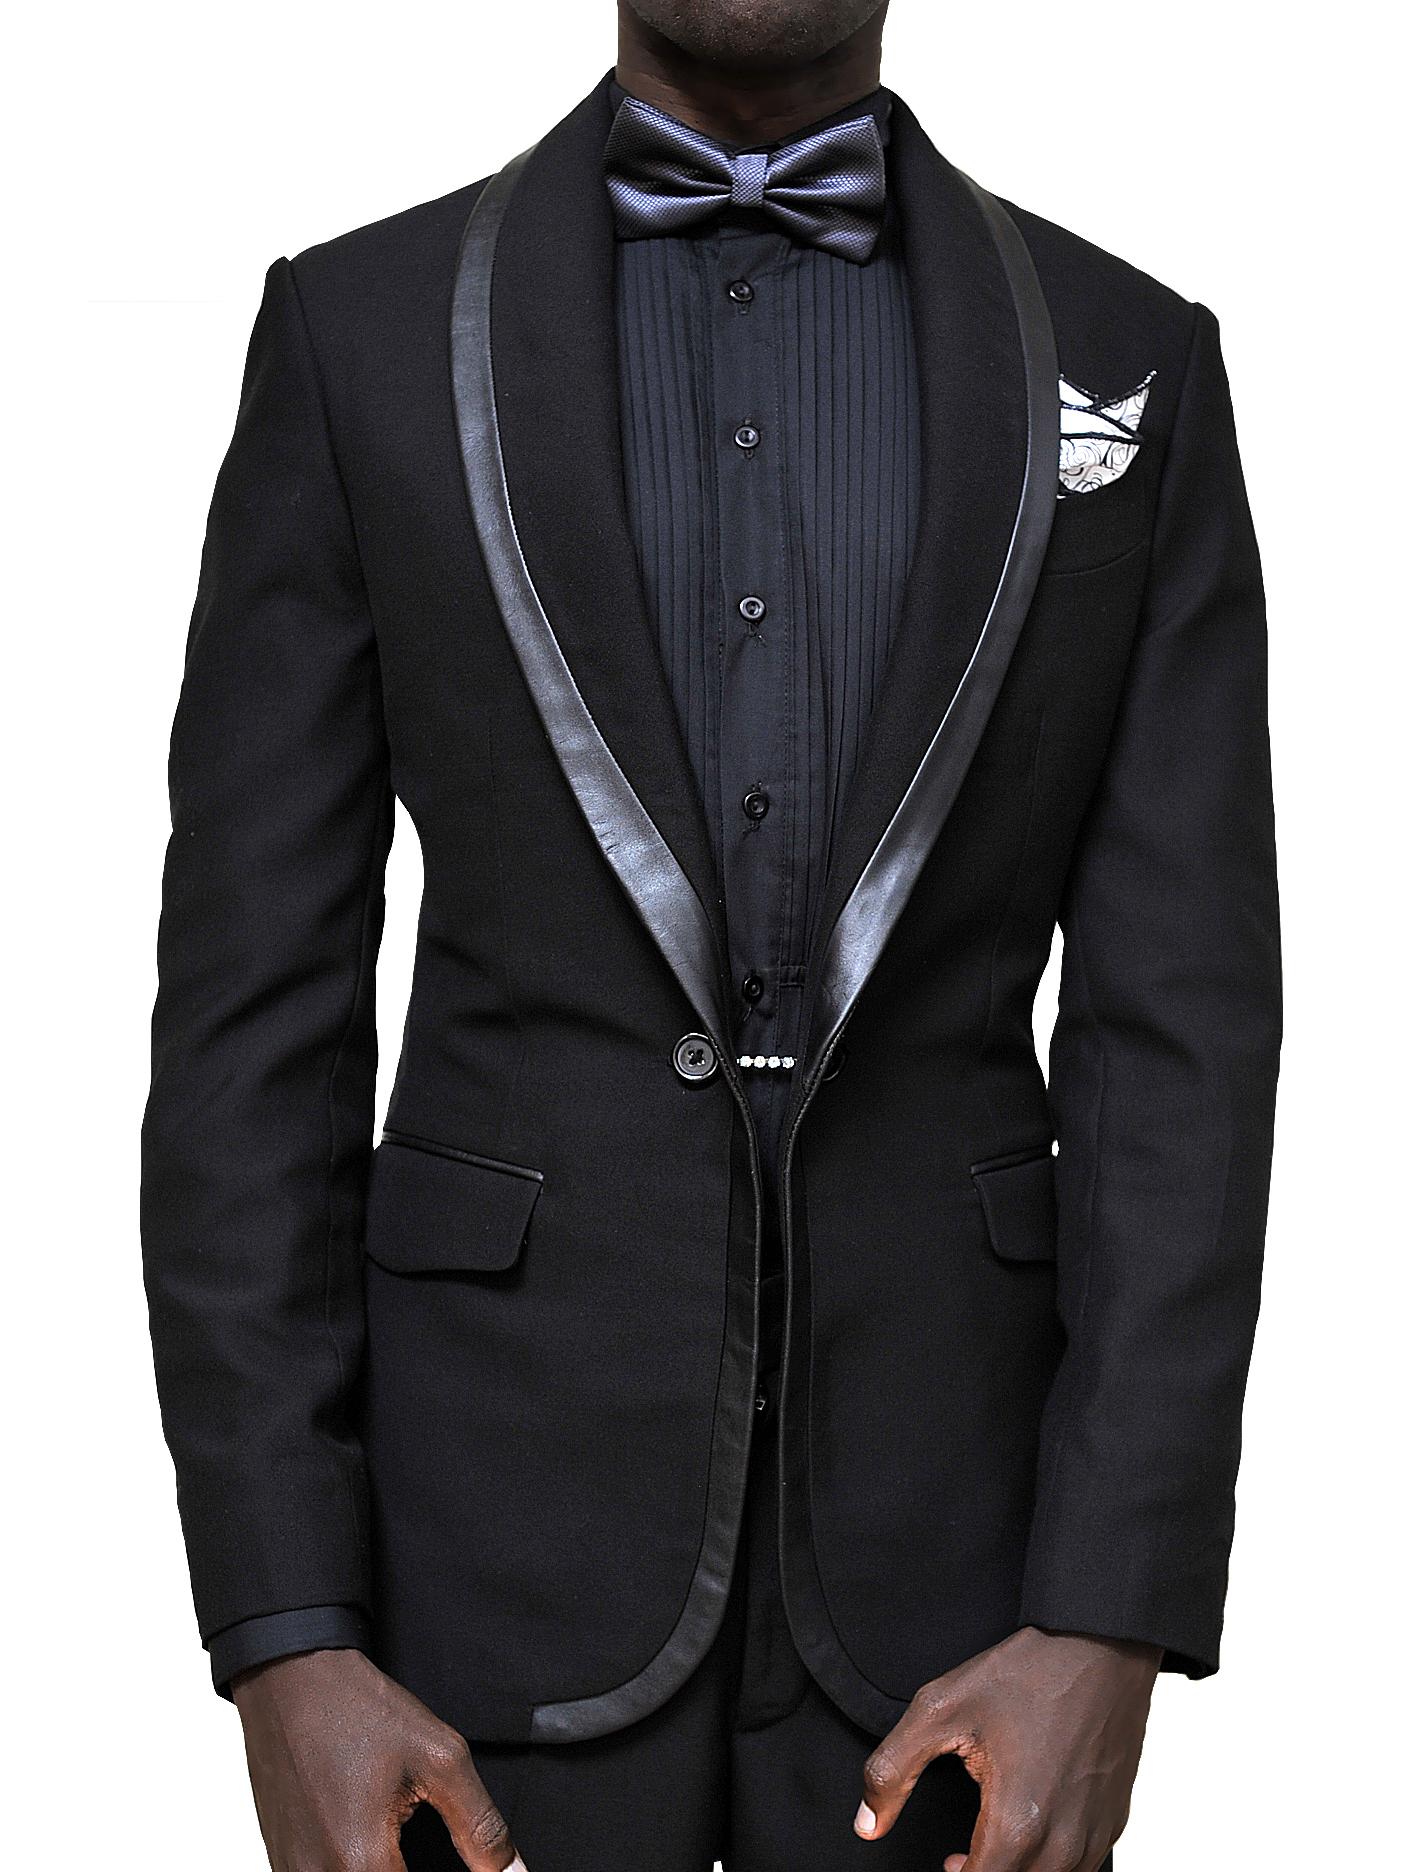 Best designer tuxedo in Kenya